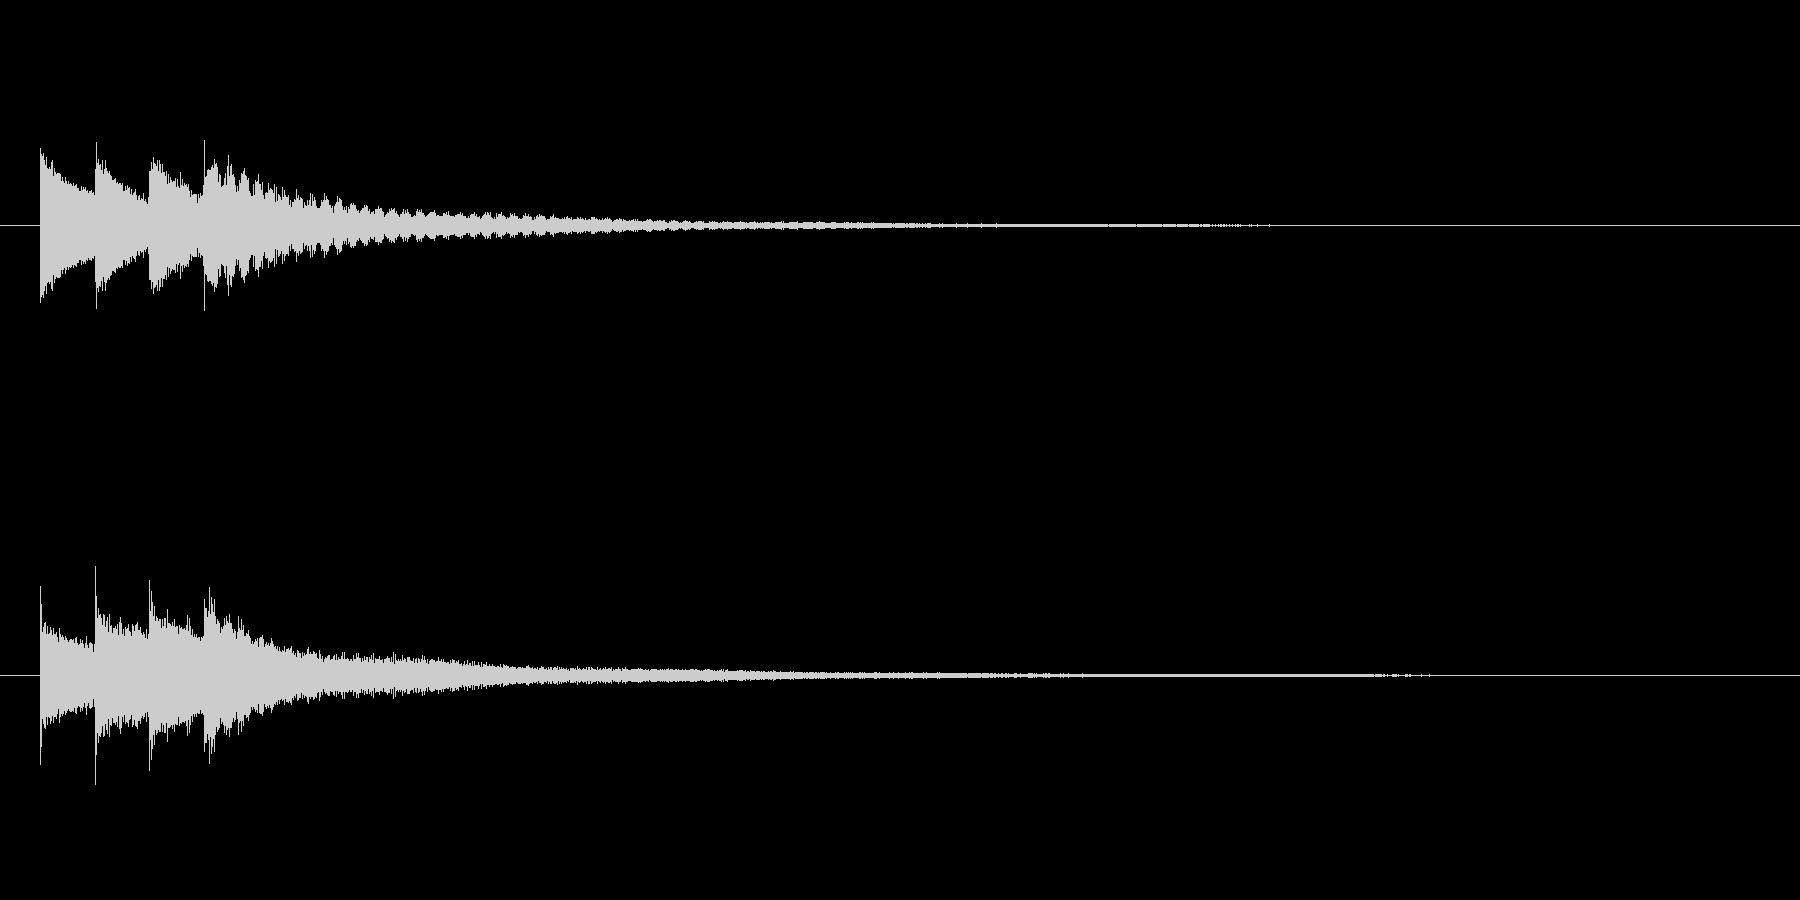 キラキラーン/クロタル(鐘)キラキラ音の未再生の波形